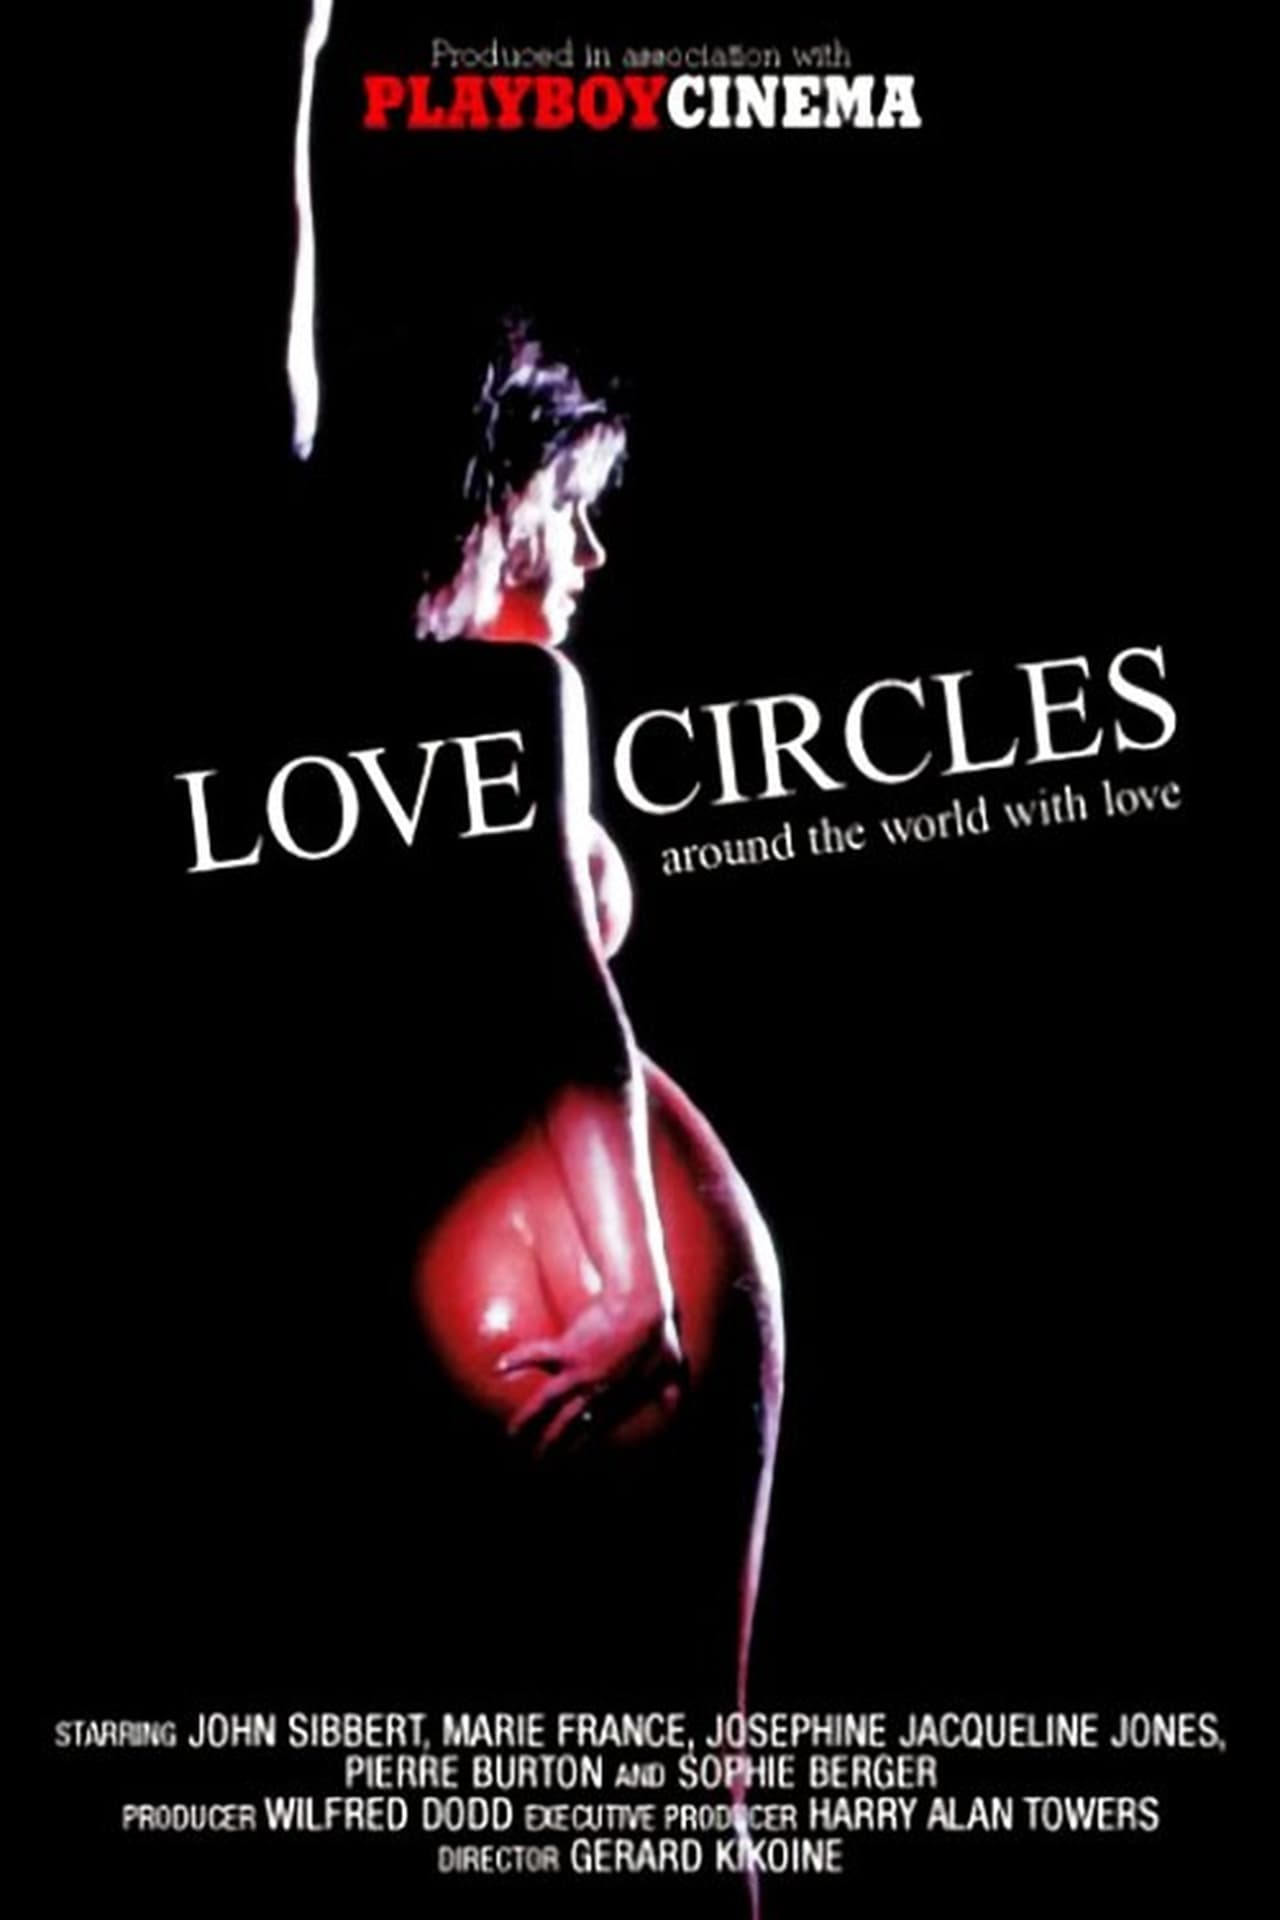 Love Circles Around the World